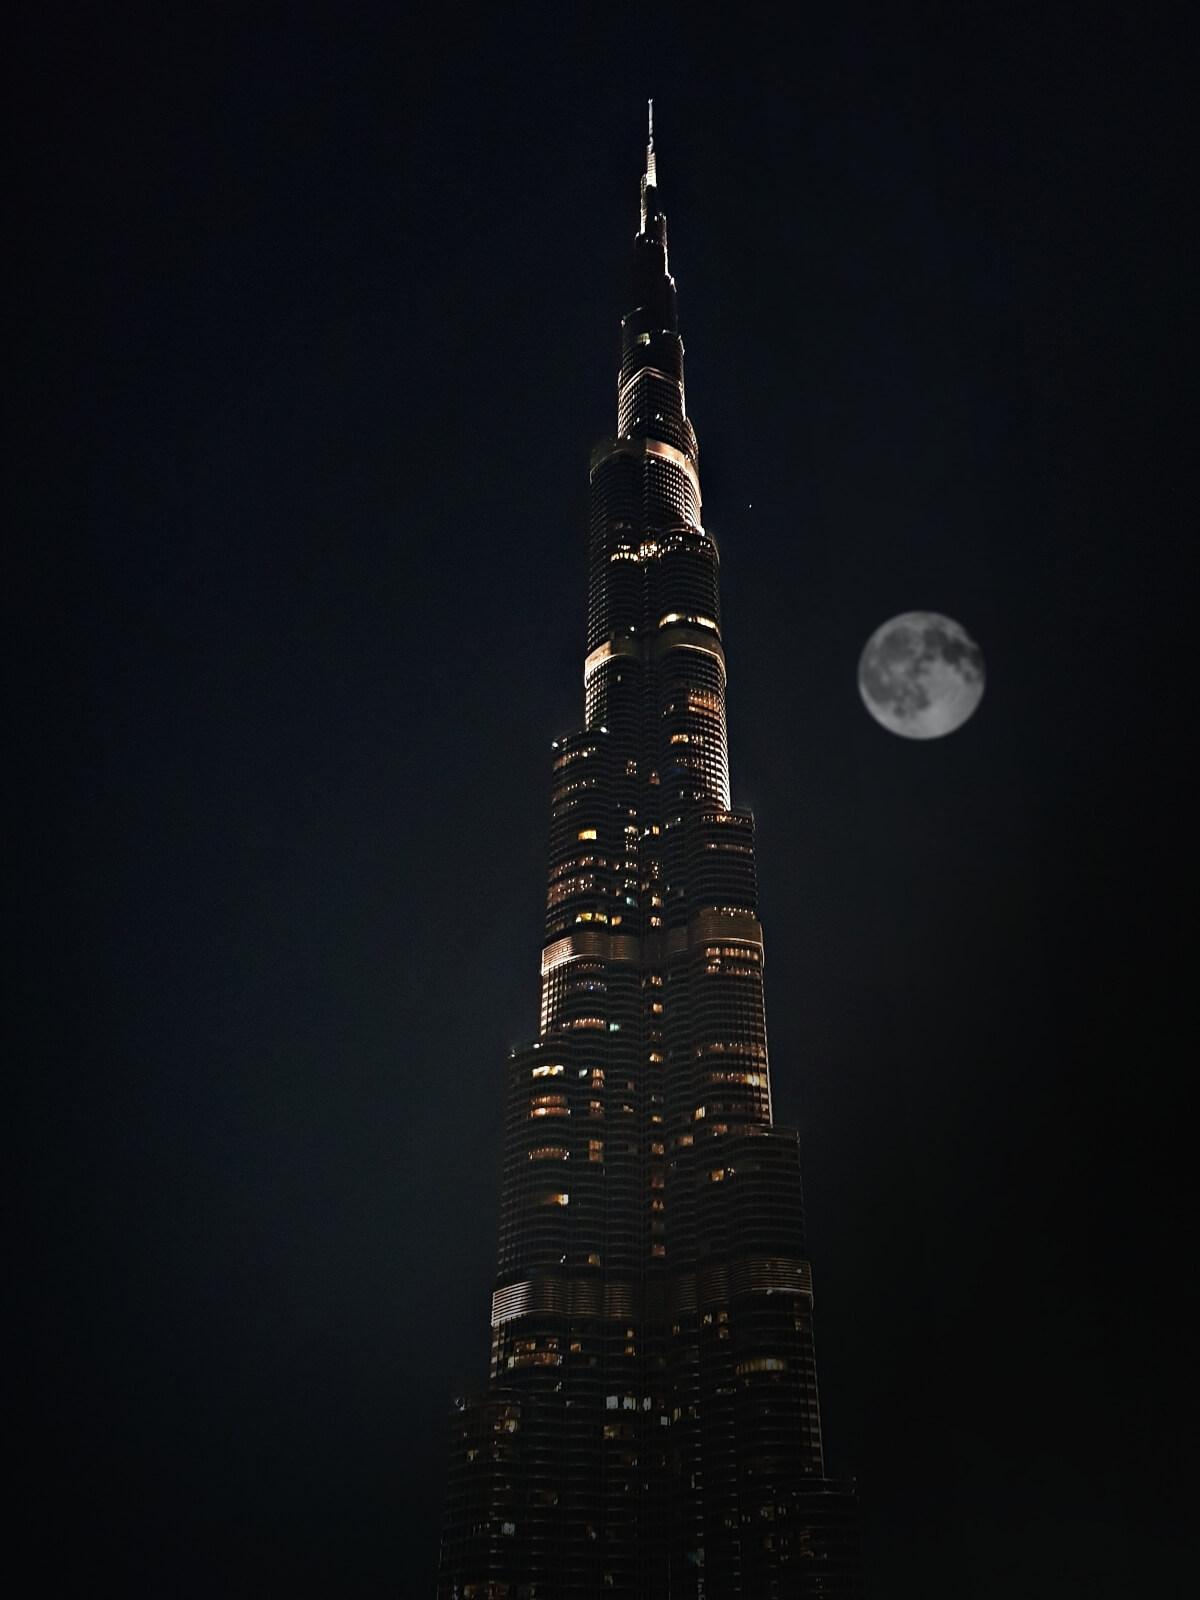 Księżyc świecący nad Burj Khalifa w Dubaju.